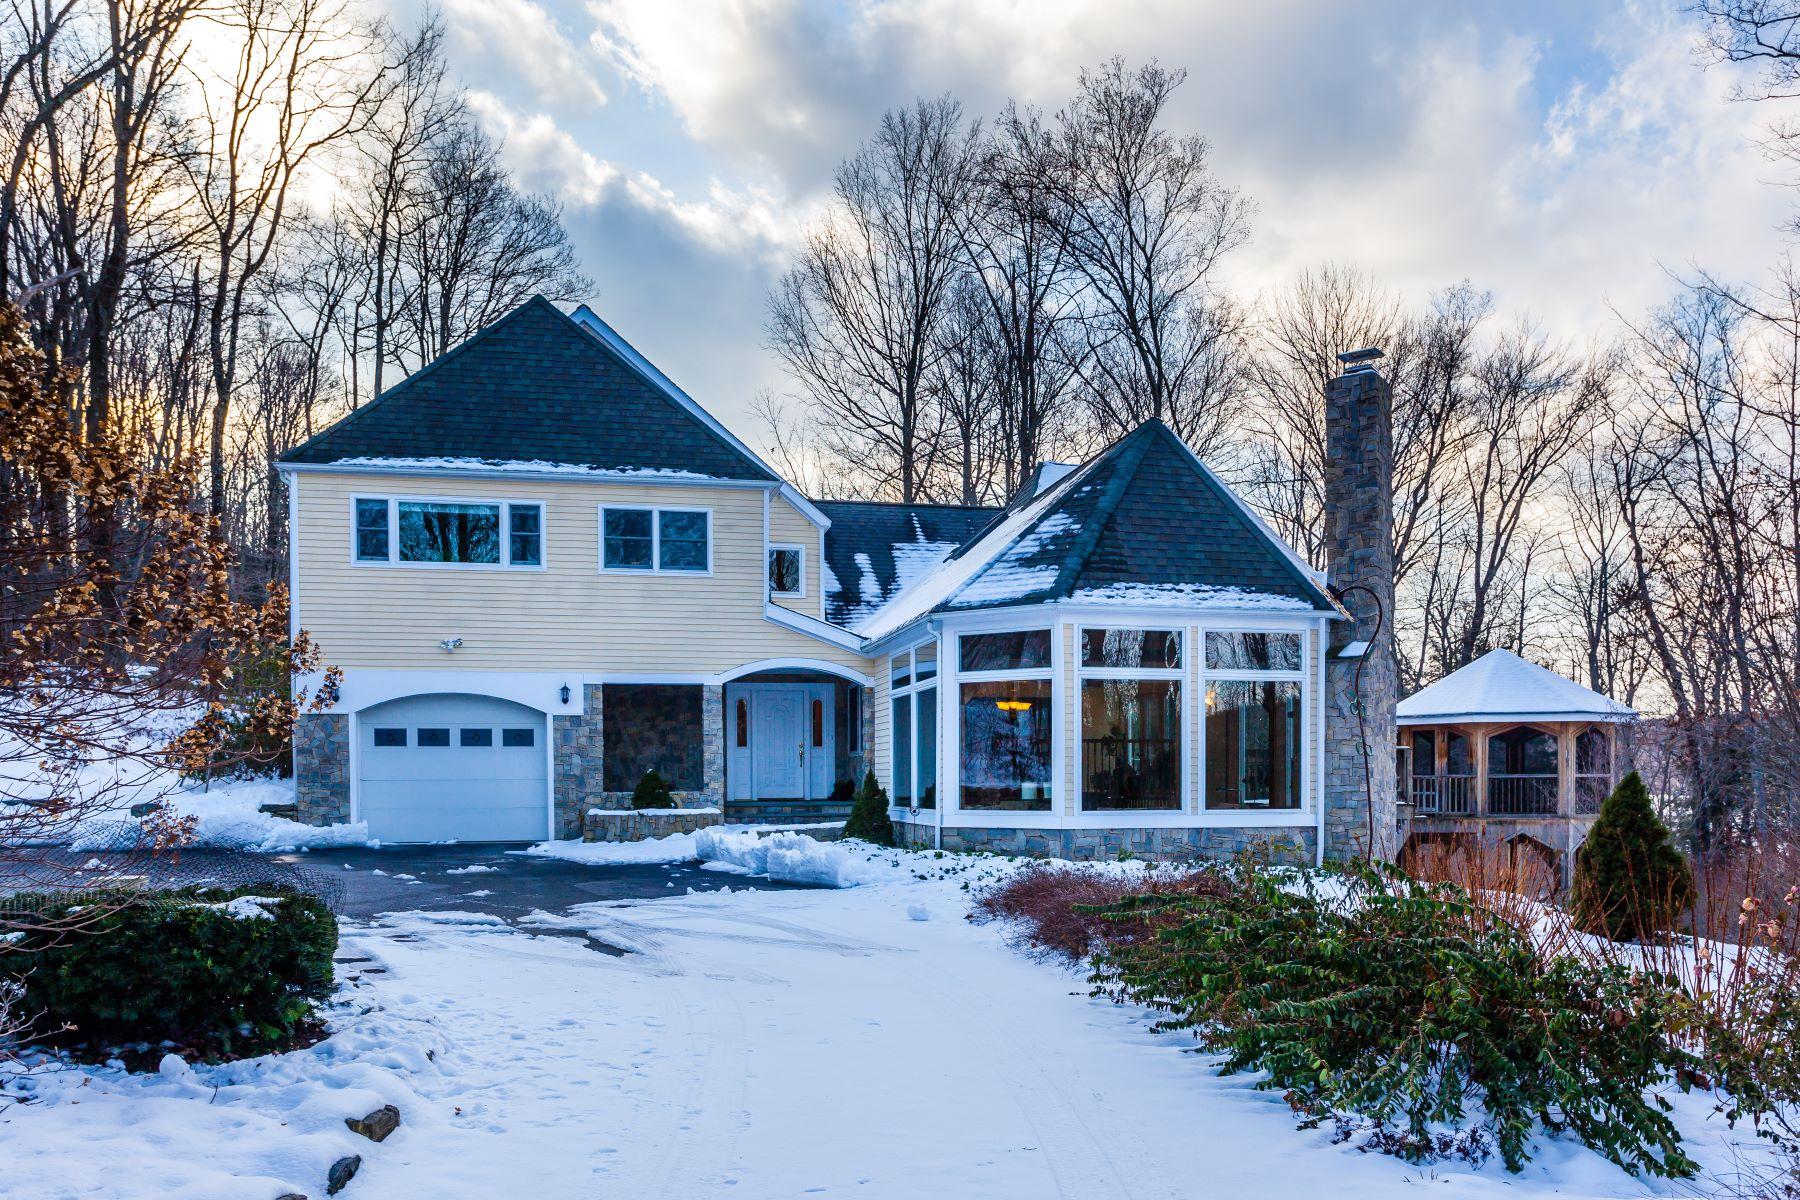 Casa Unifamiliar por un Venta en Distinctive Waterfront Retreat 447 Segar Mountain Rd Kent, Connecticut, 06785 Estados Unidos